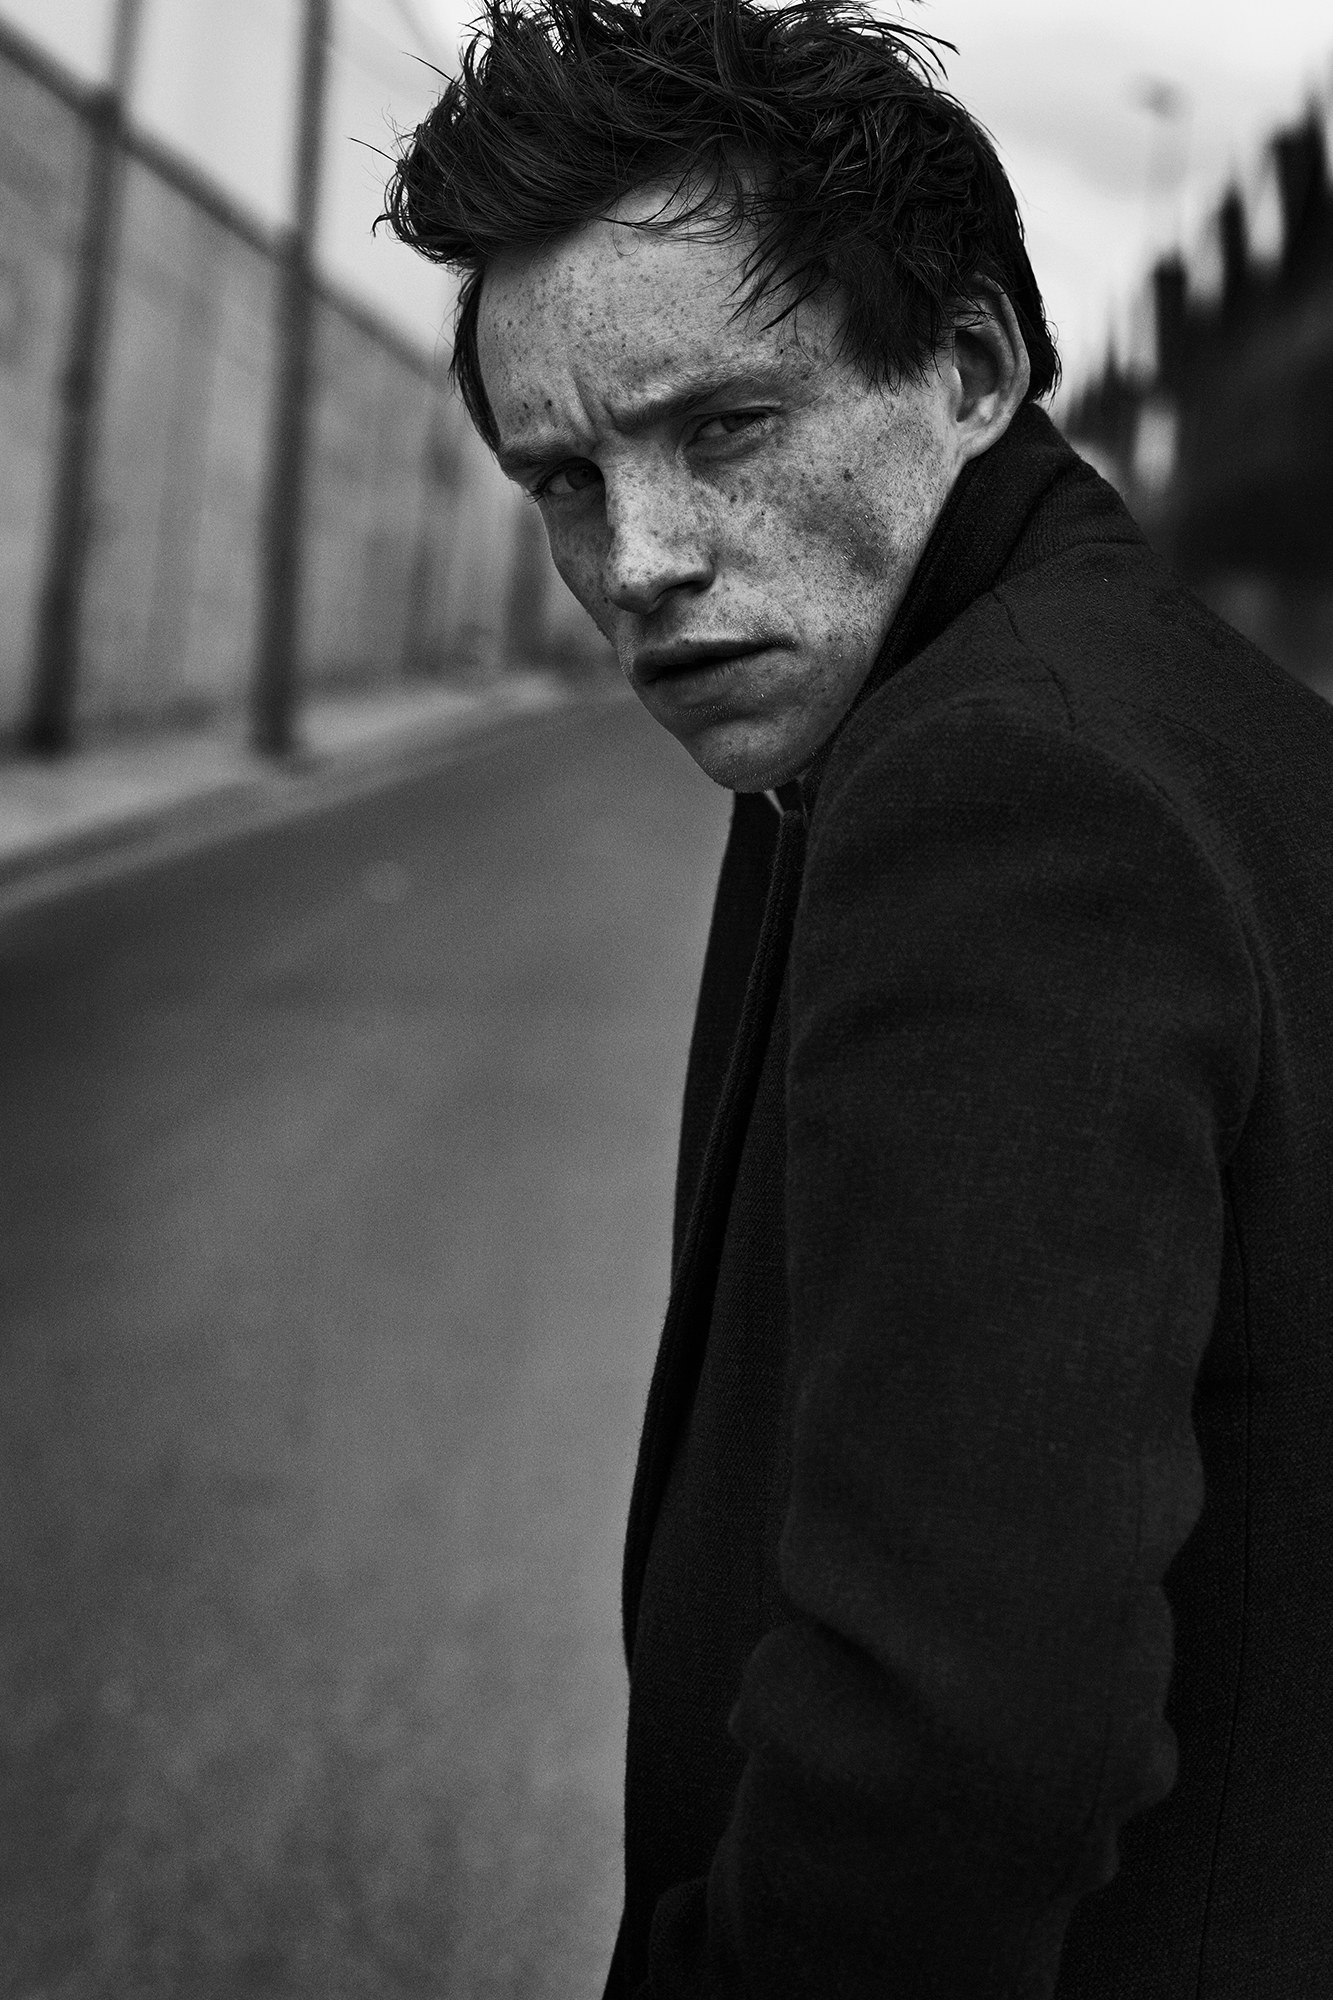 Eddie Redmayne - Fotó Peter Lindbergh